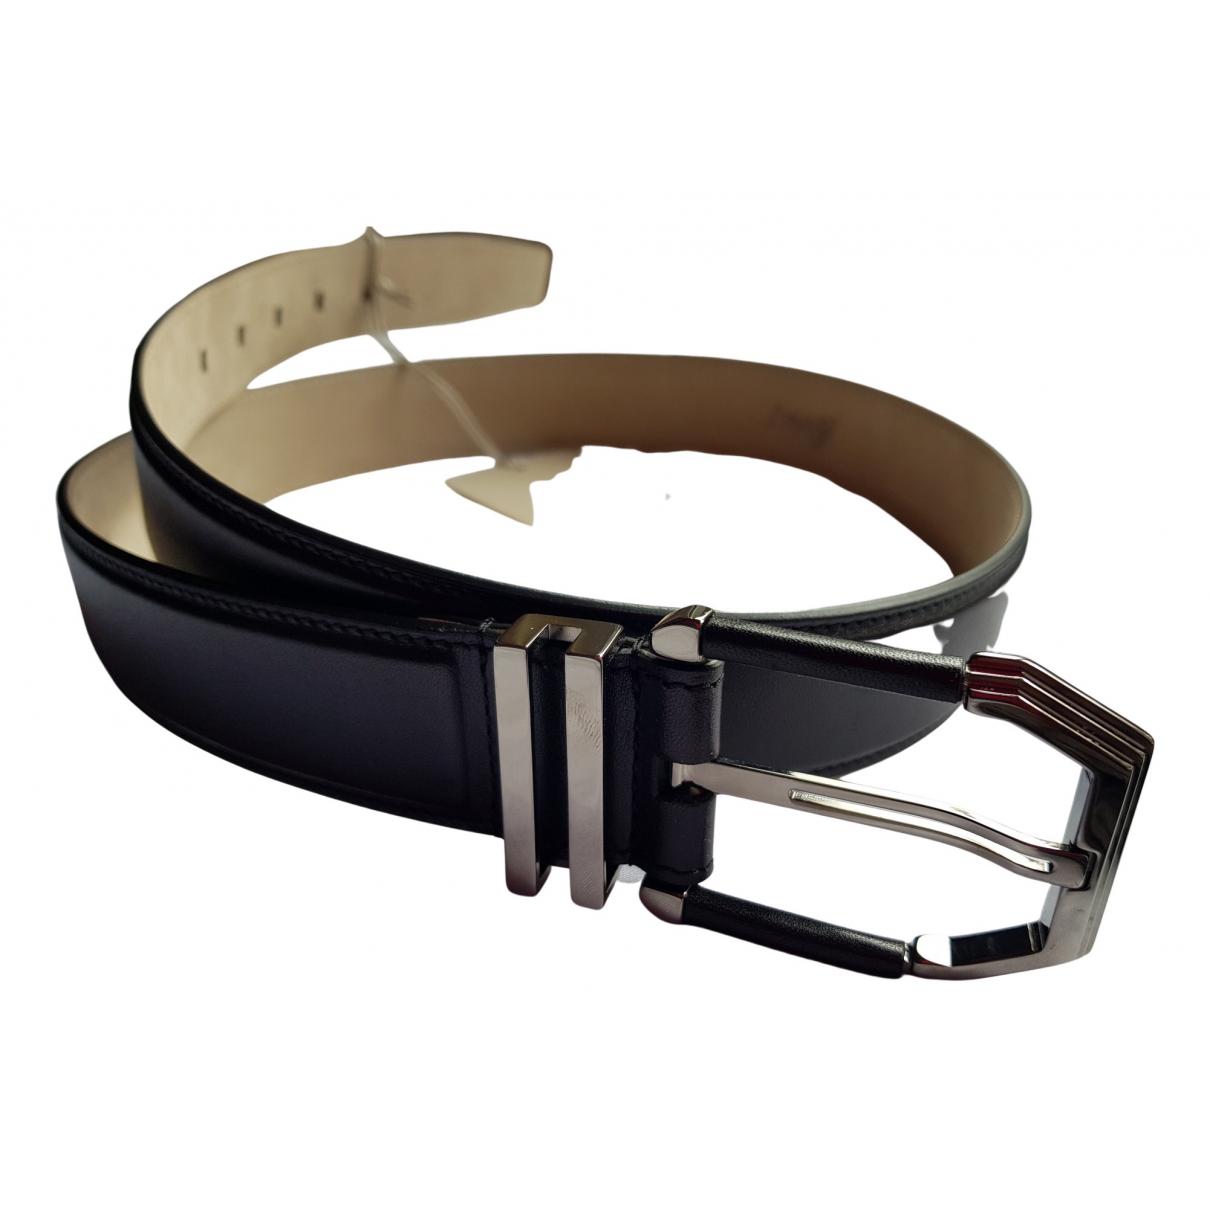 Brioni N Black Leather belt for Men 95 cm